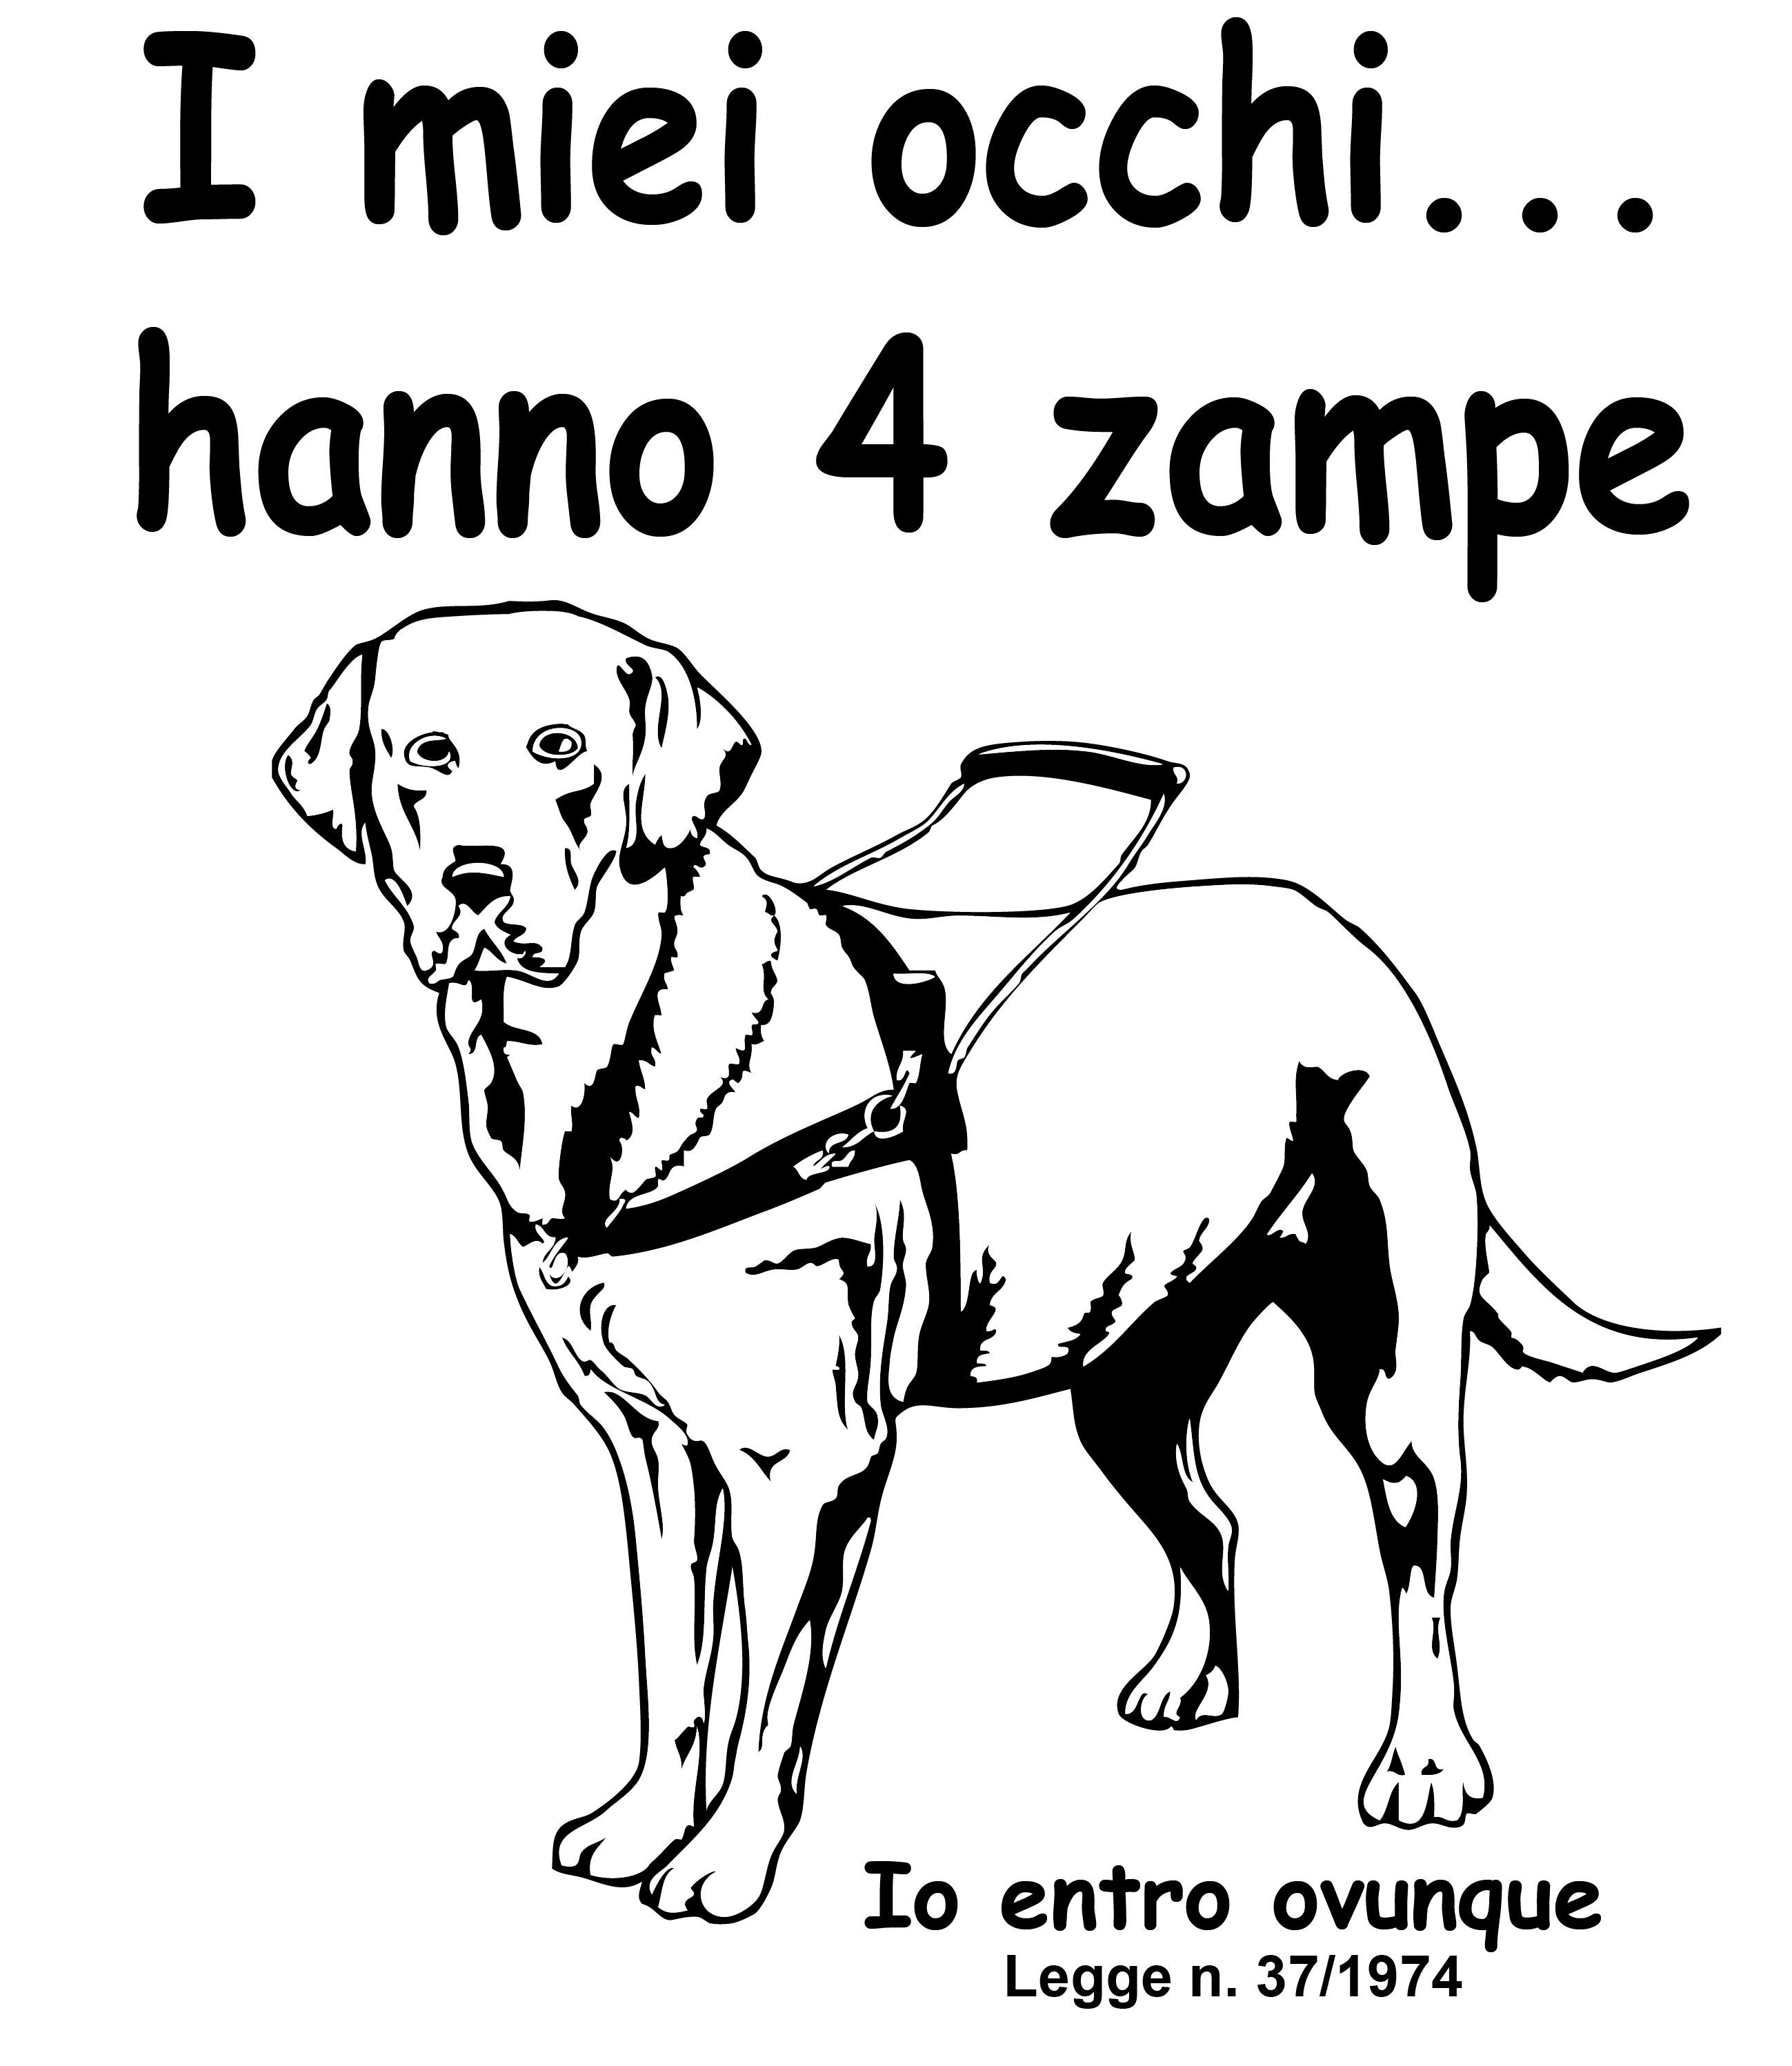 immagine di un cane guida stilizzato bianco su sfondo nero con la scritta i miei occhi hanno 4 zampe